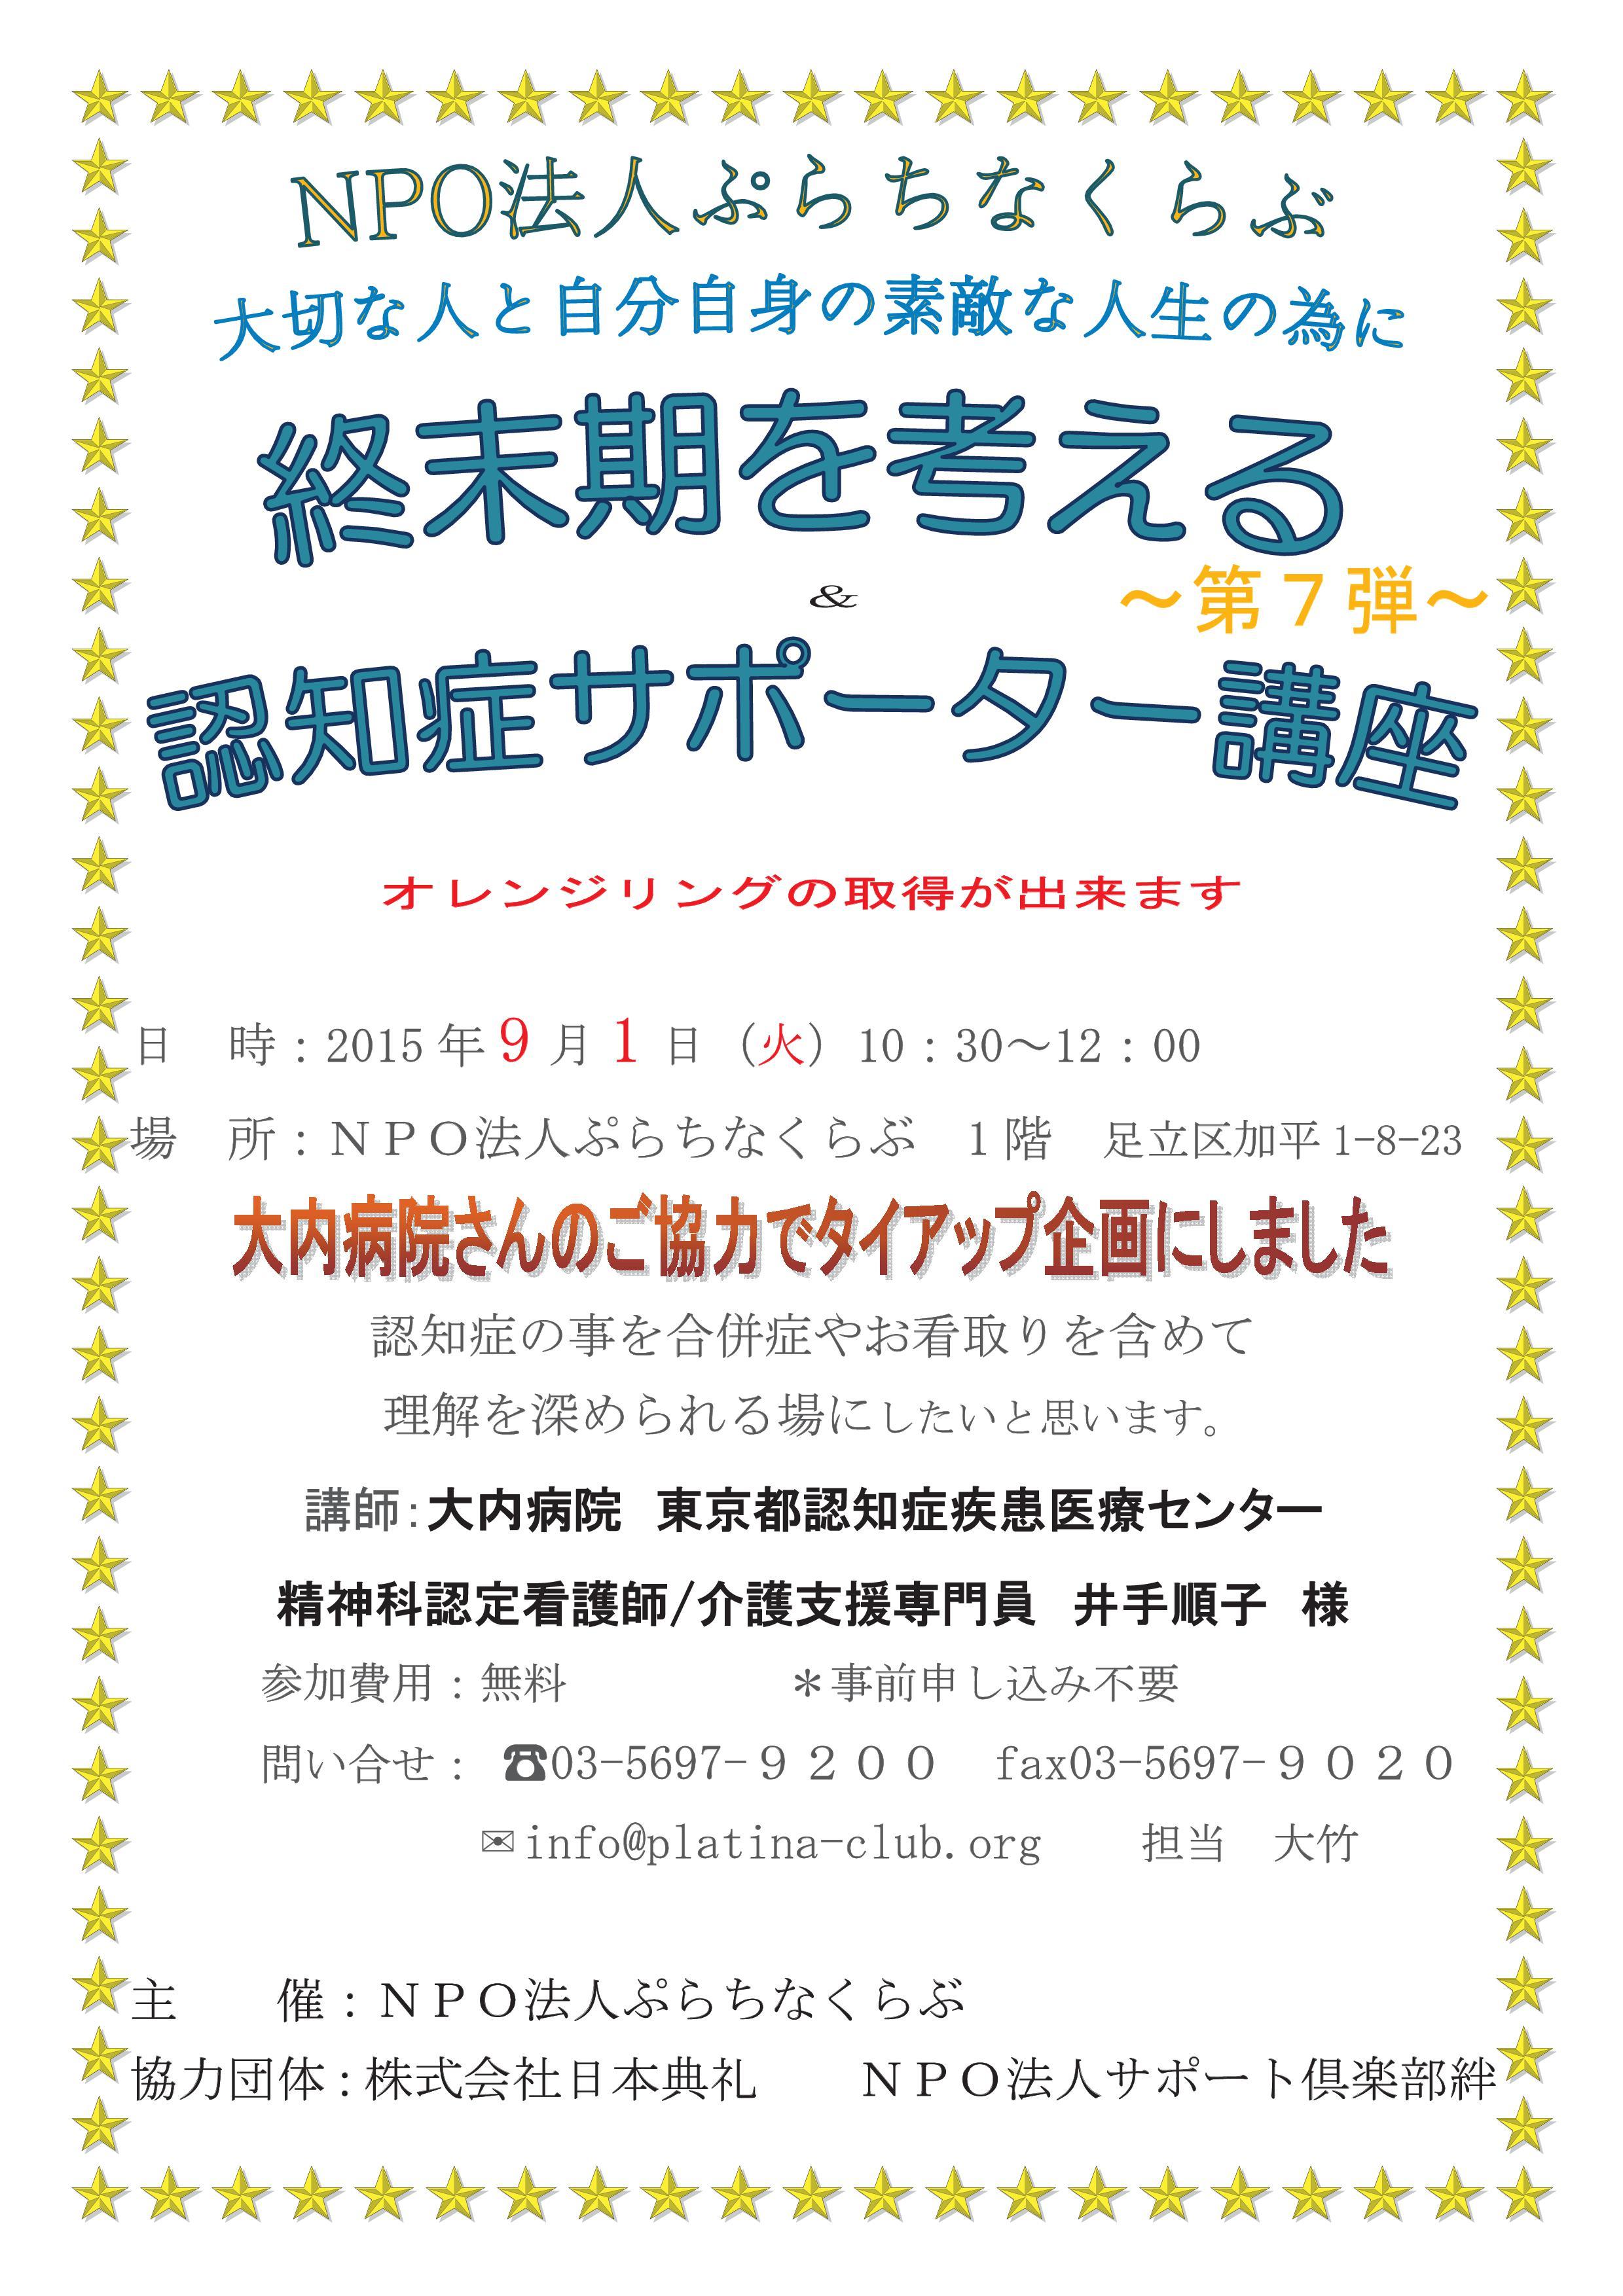 終末期イベント&認知症サポーター養成講座9月1日分(仮)